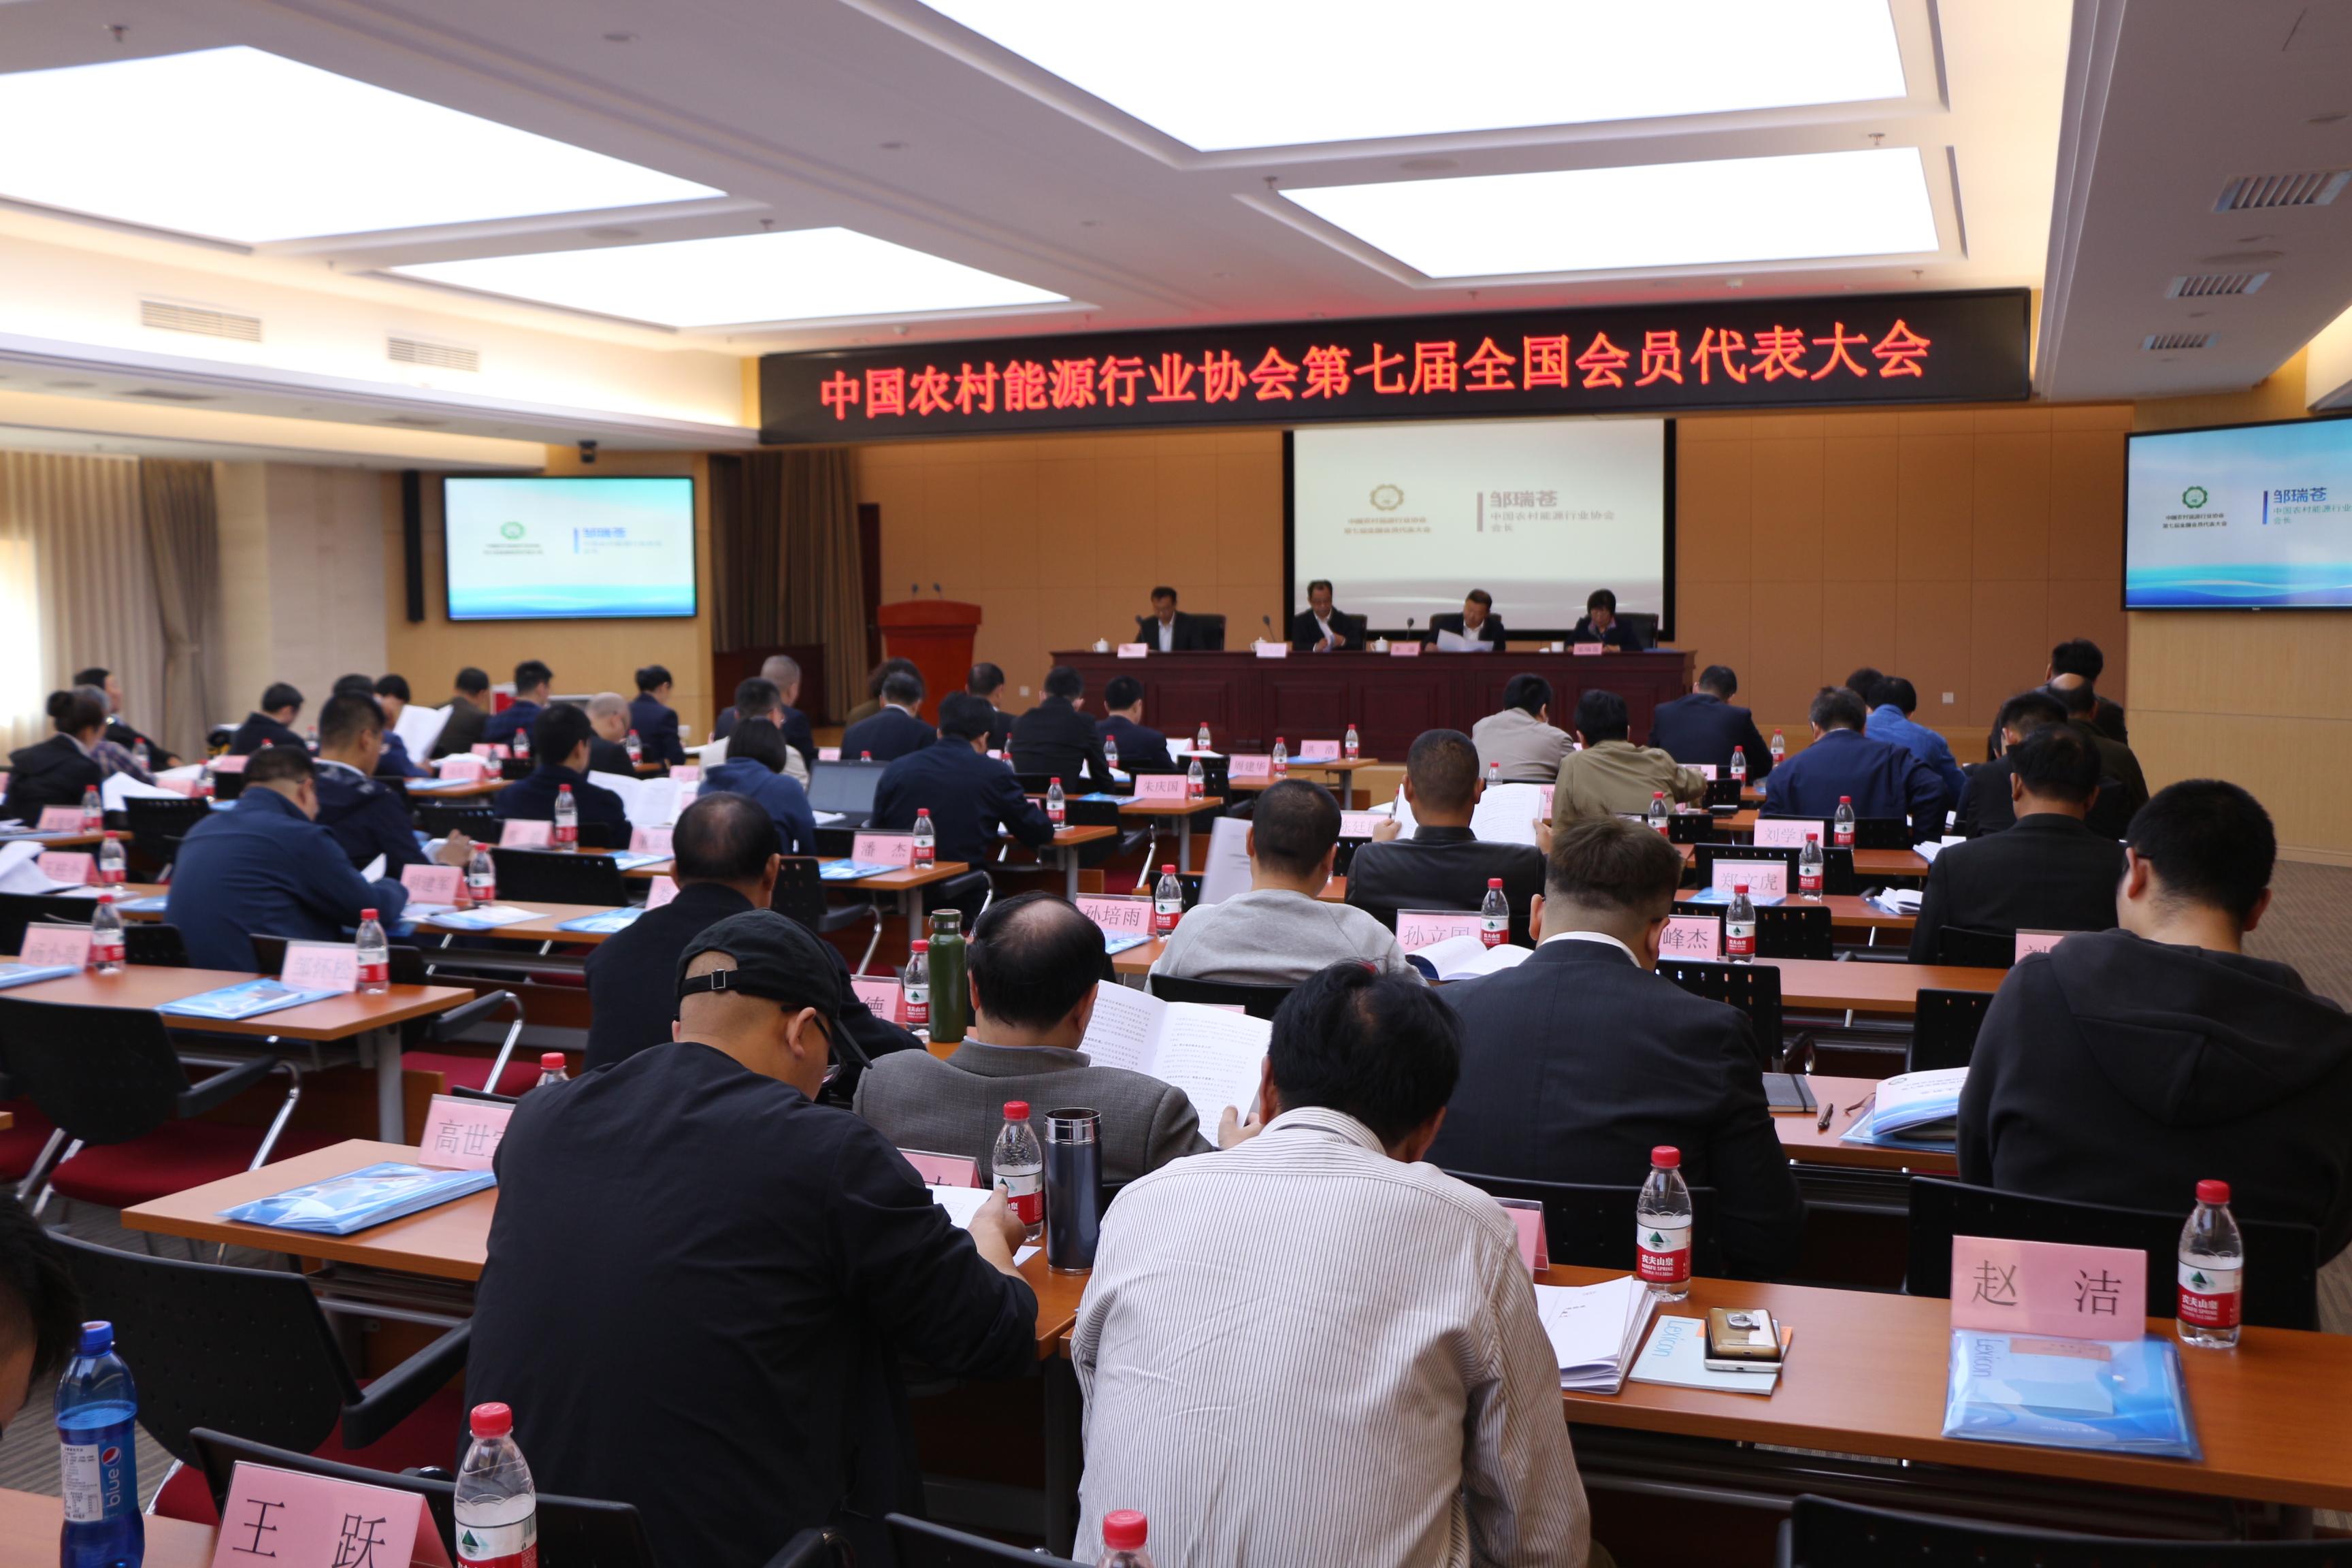 中國農村能源行業協會第七屆全國會員代表大會